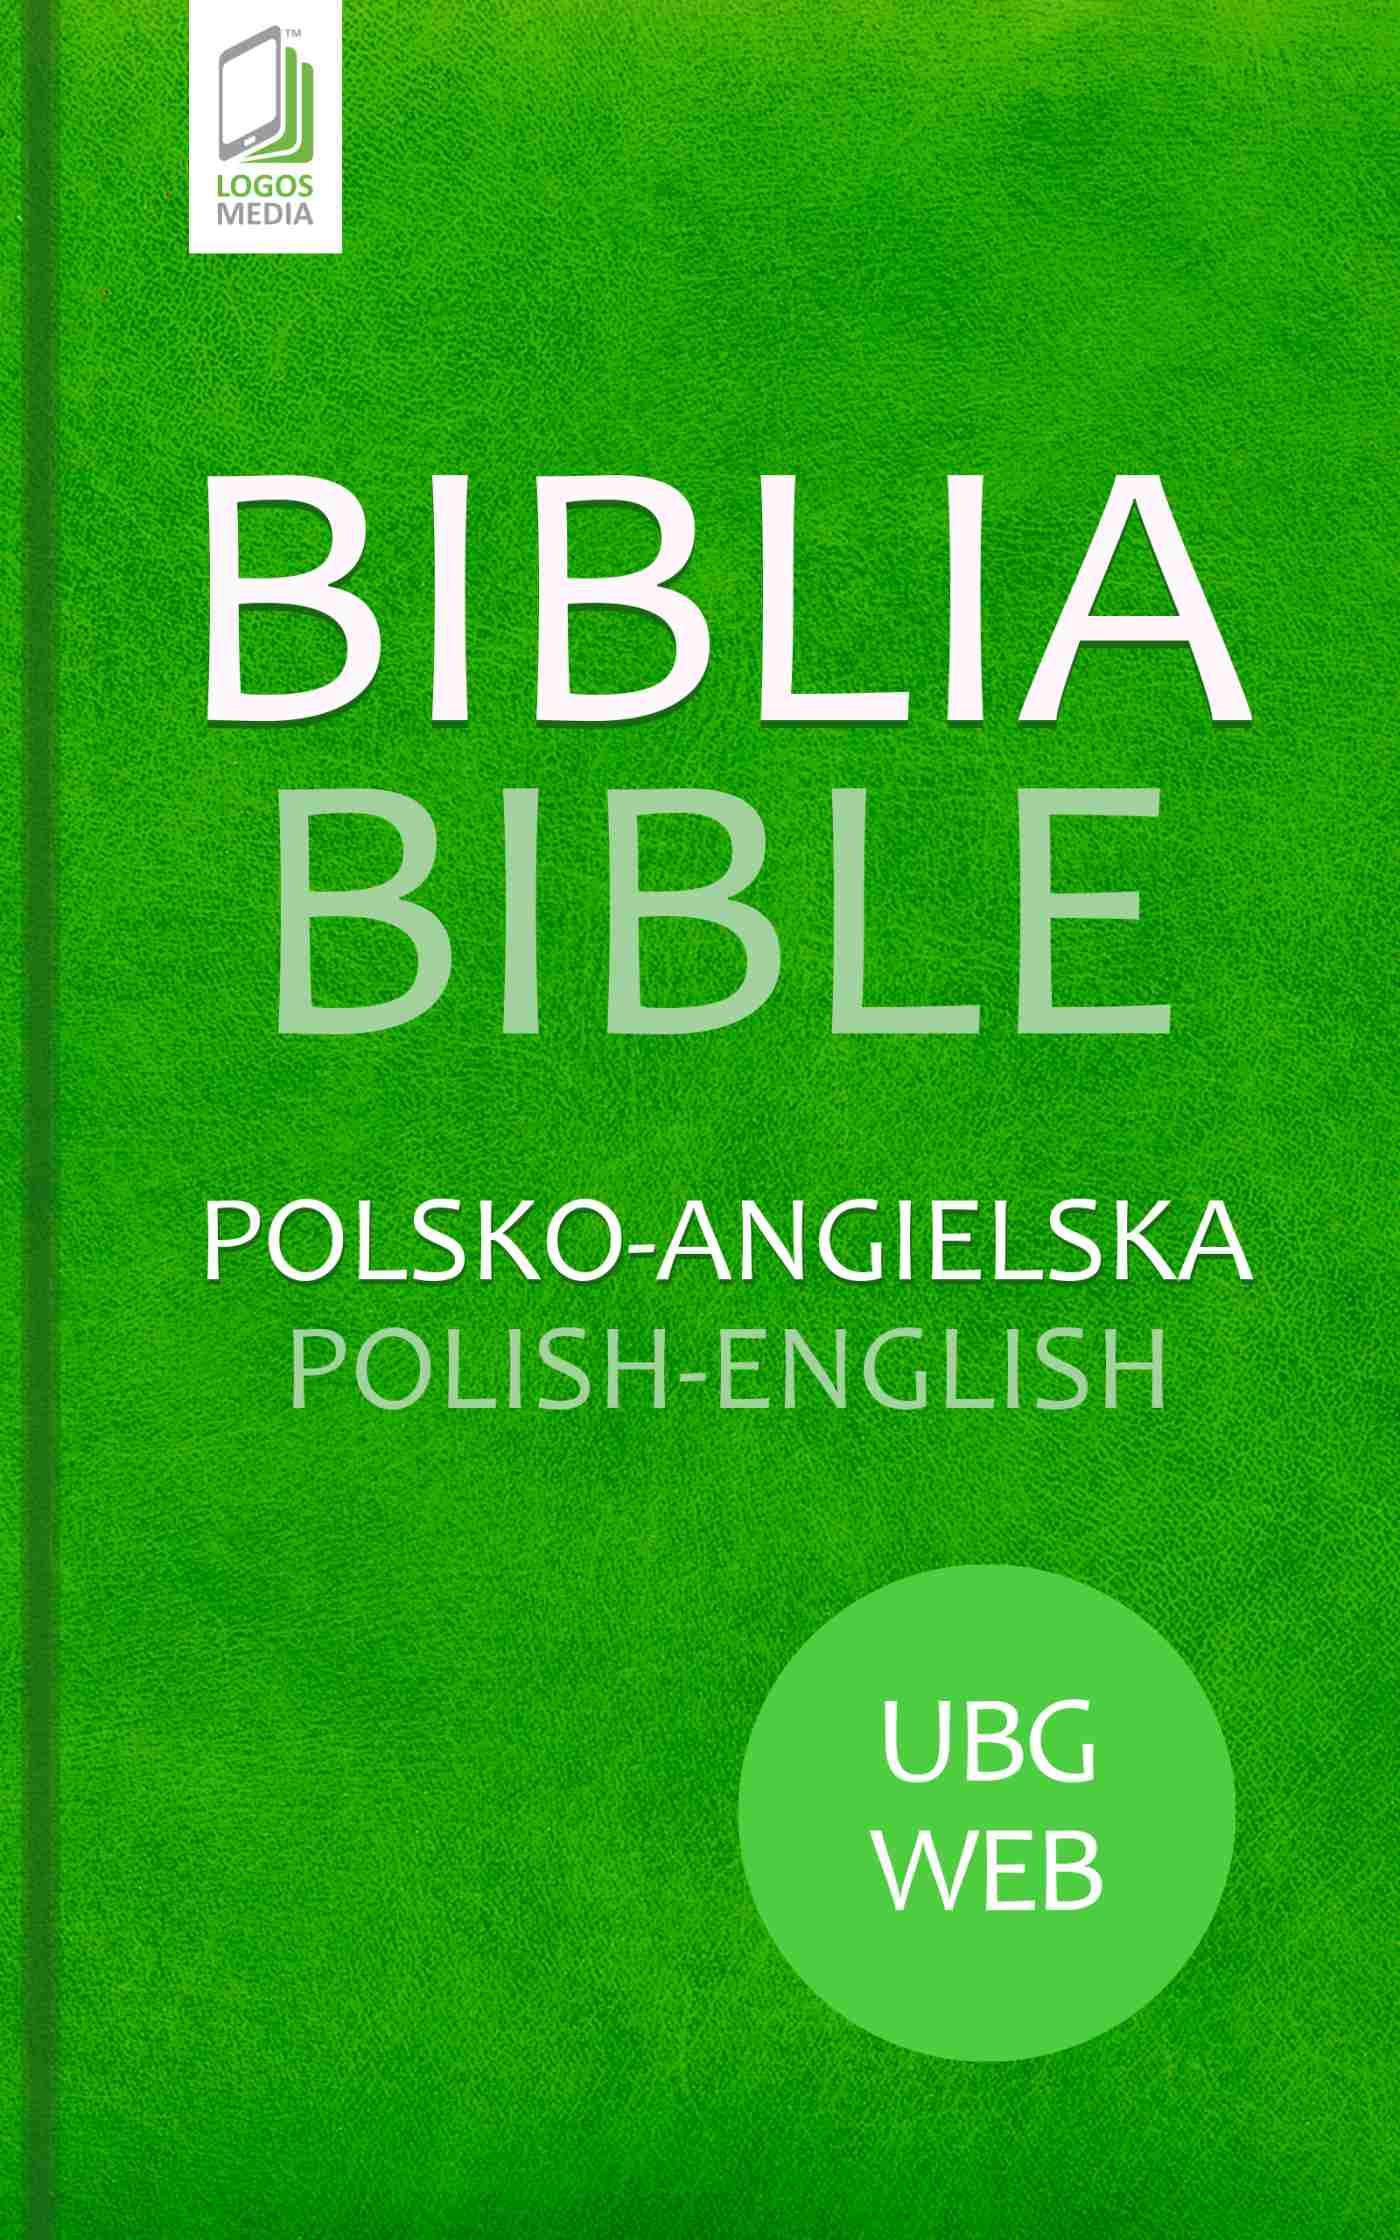 Biblia polsko-angielska - Ebook (Książka EPUB) do pobrania w formacie EPUB